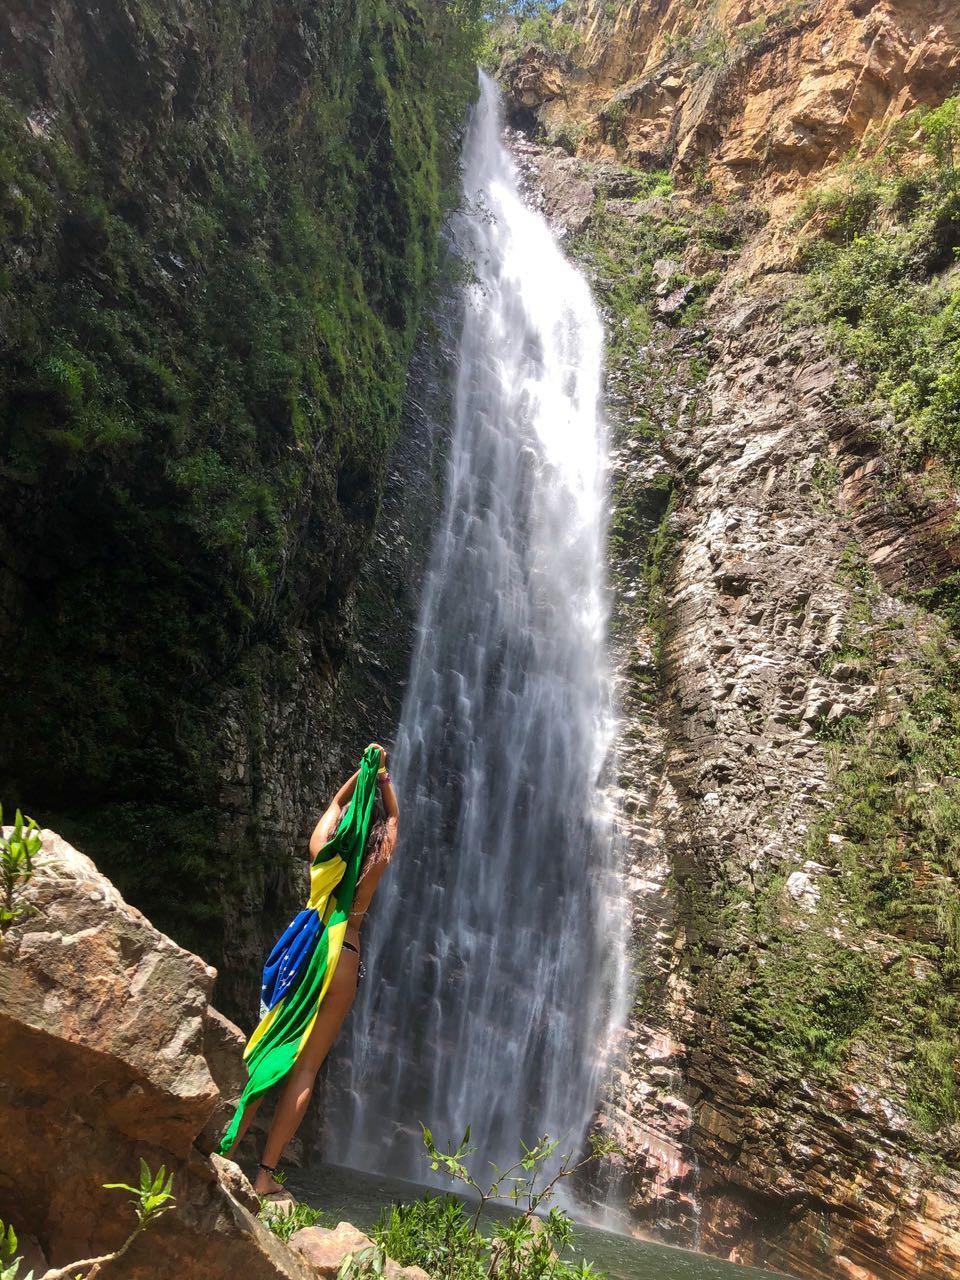 Cachoeira do Segredo - Chapada dos Veadeiros